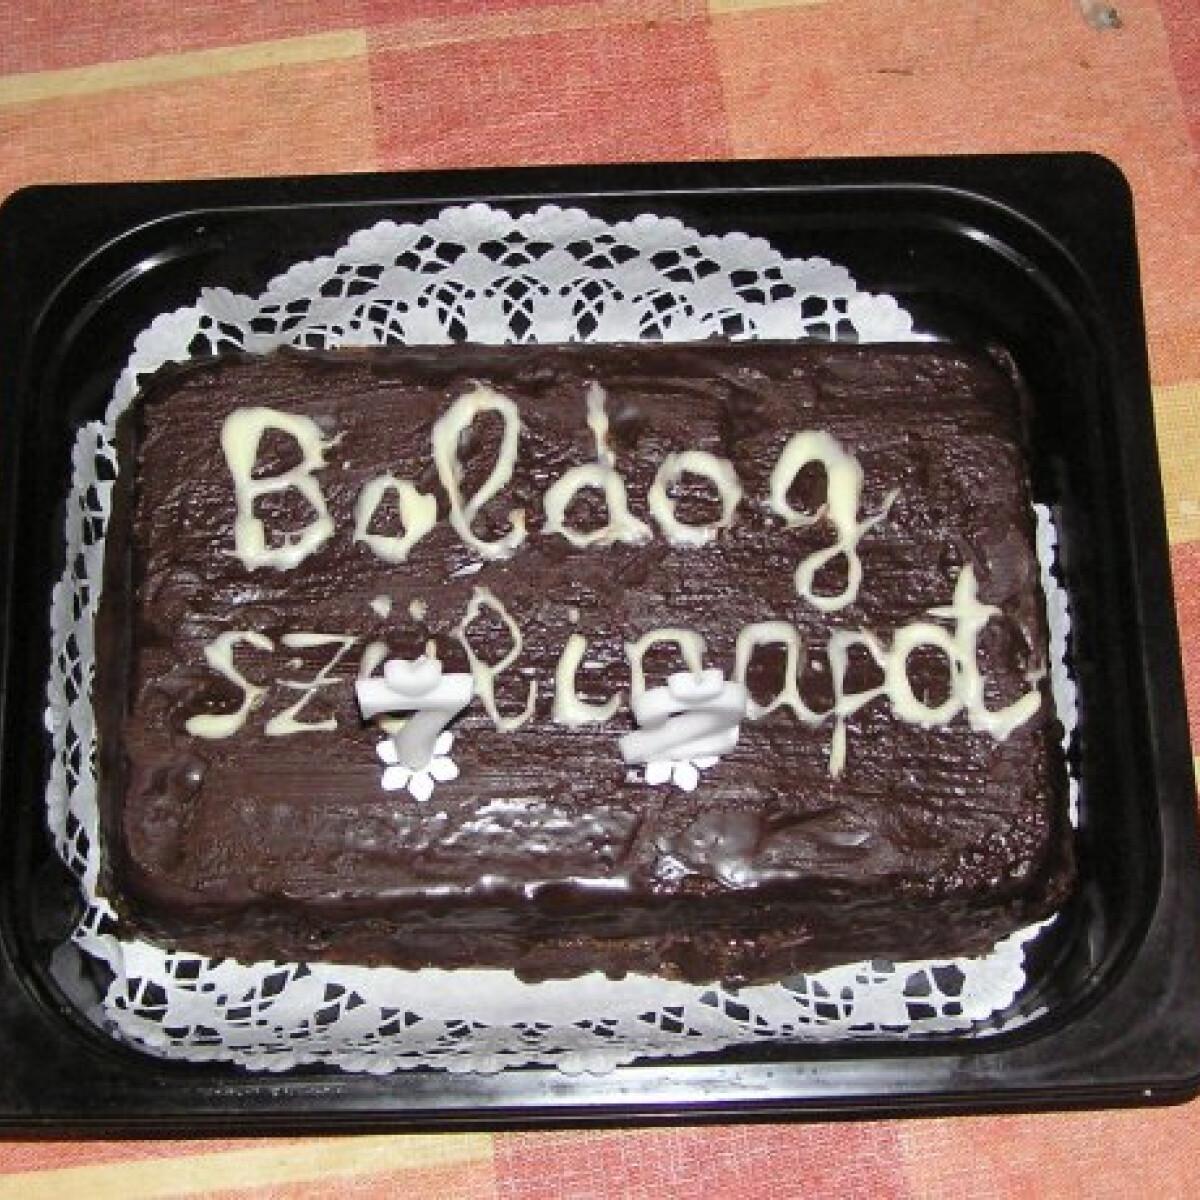 Ezen a képen: Szülinapi csokitorta wwmonesz konyhájából